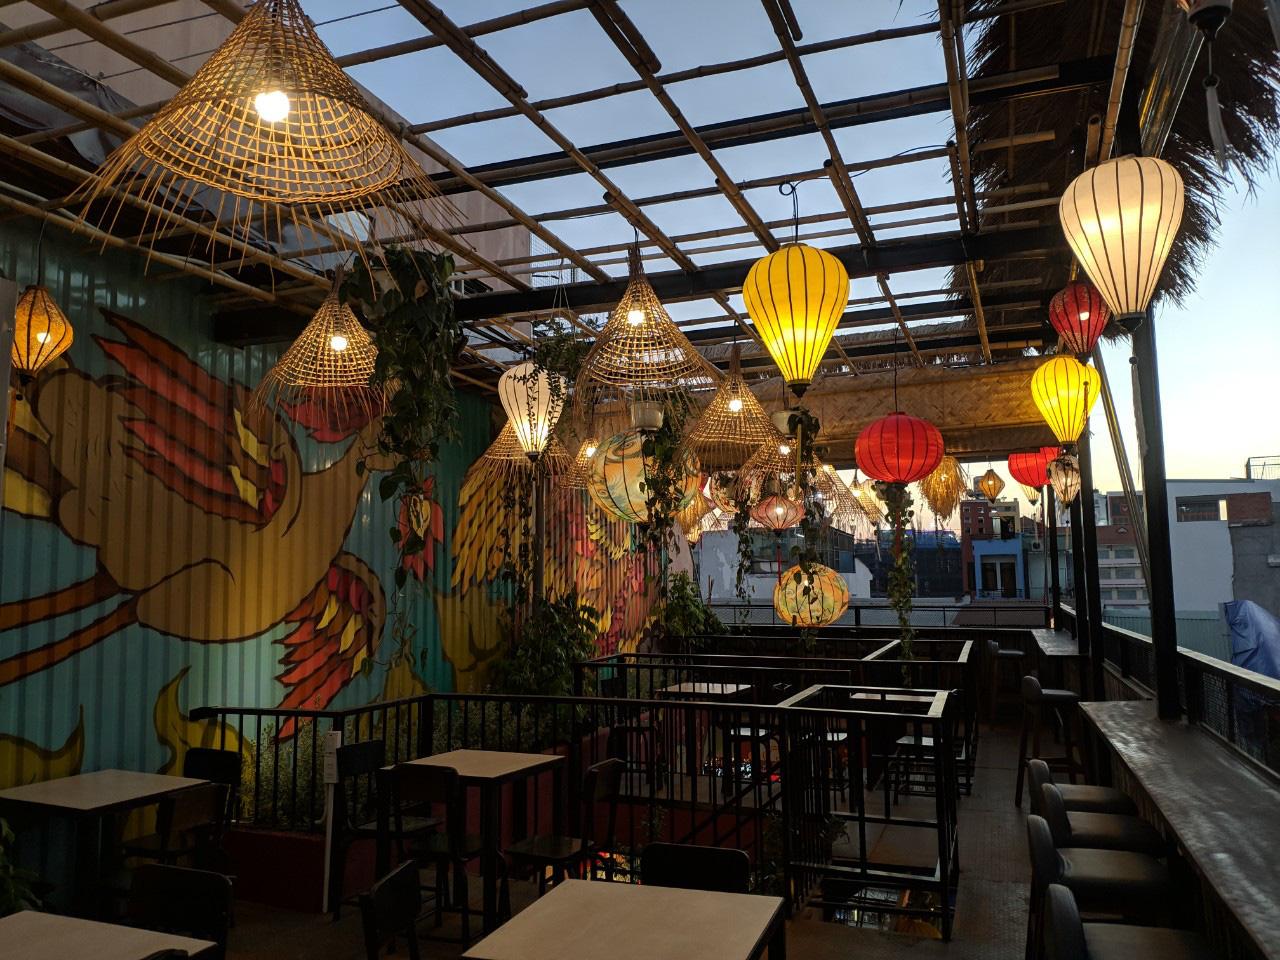 Quán chill mang phong cách Đại Việt nổi bật giữa khu vui chơi sầm uất bậc nhất Sài thành - Ảnh 6.